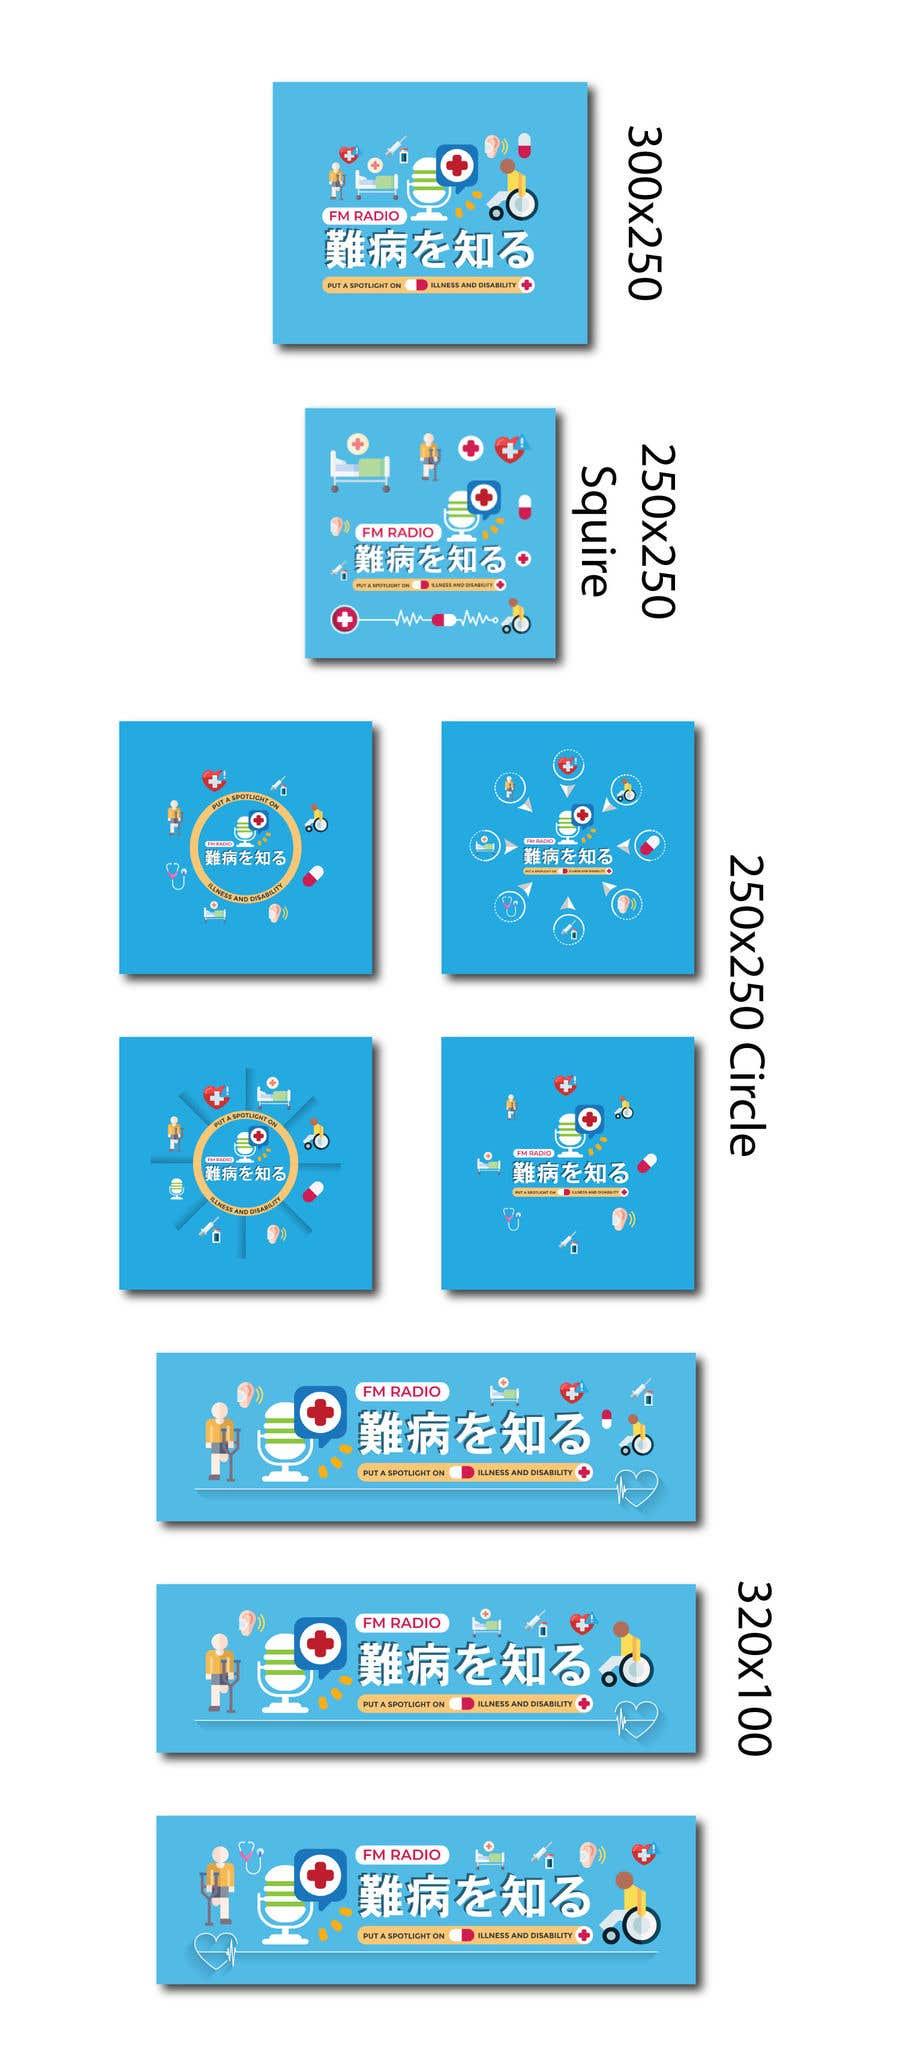 Inscrição nº                                         71                                      do Concurso para                                         Relocate icons in this design. (AI file attached)